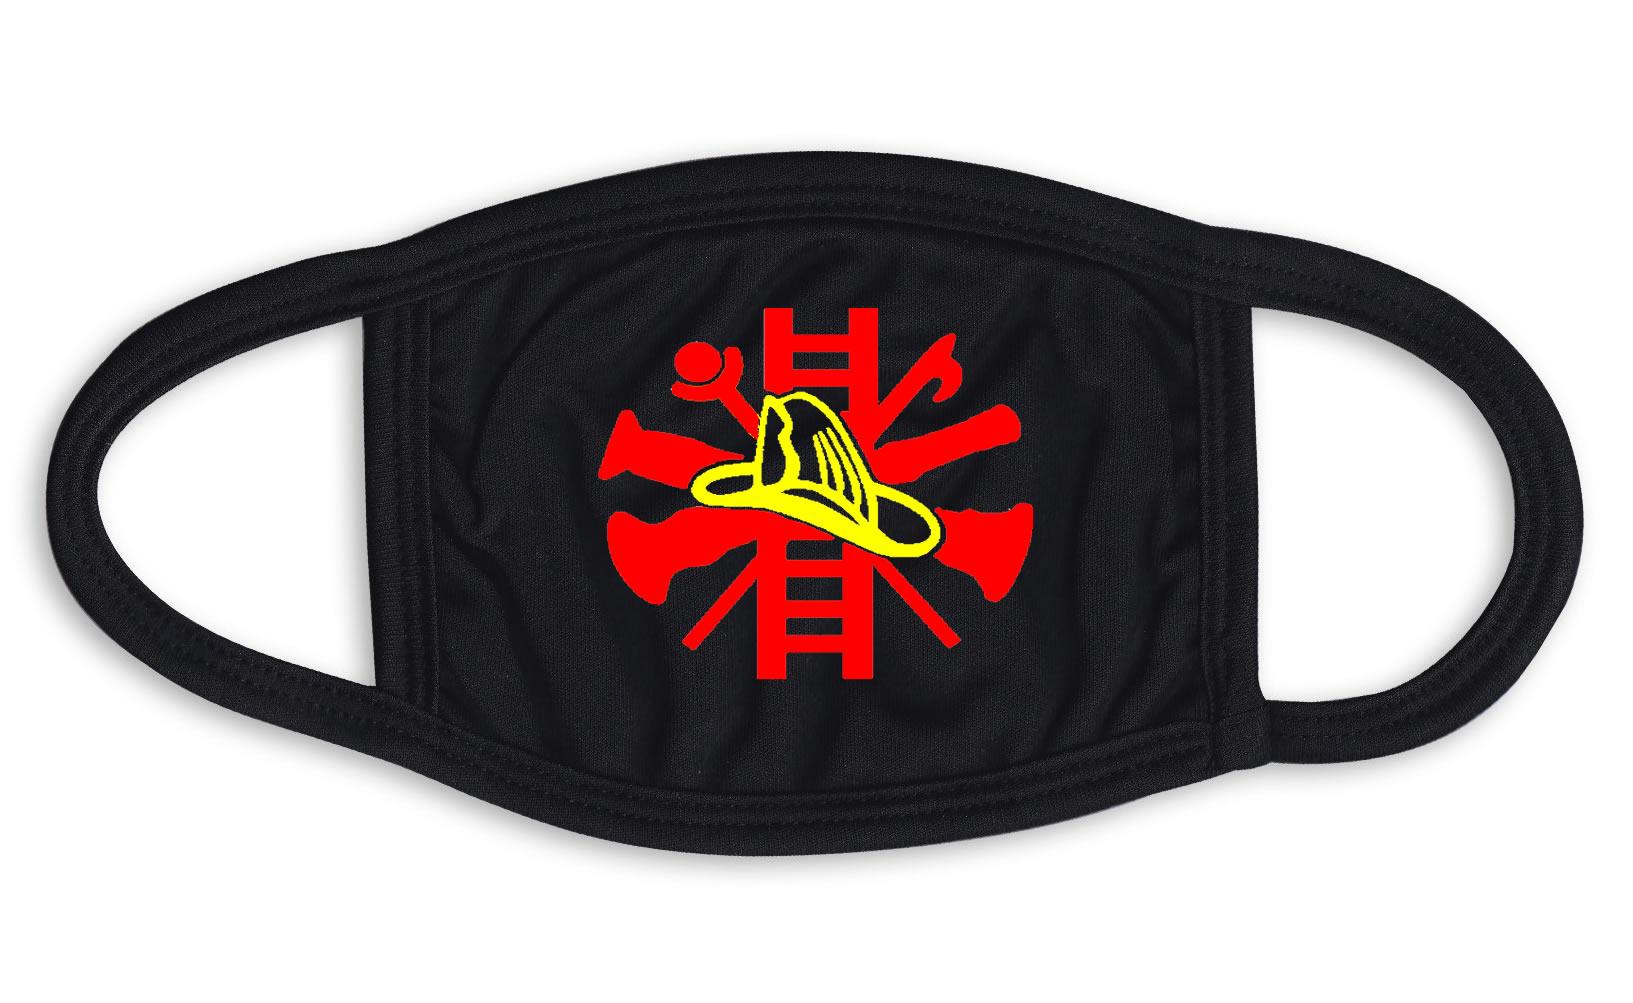 Firefighter Emblem Face Mask